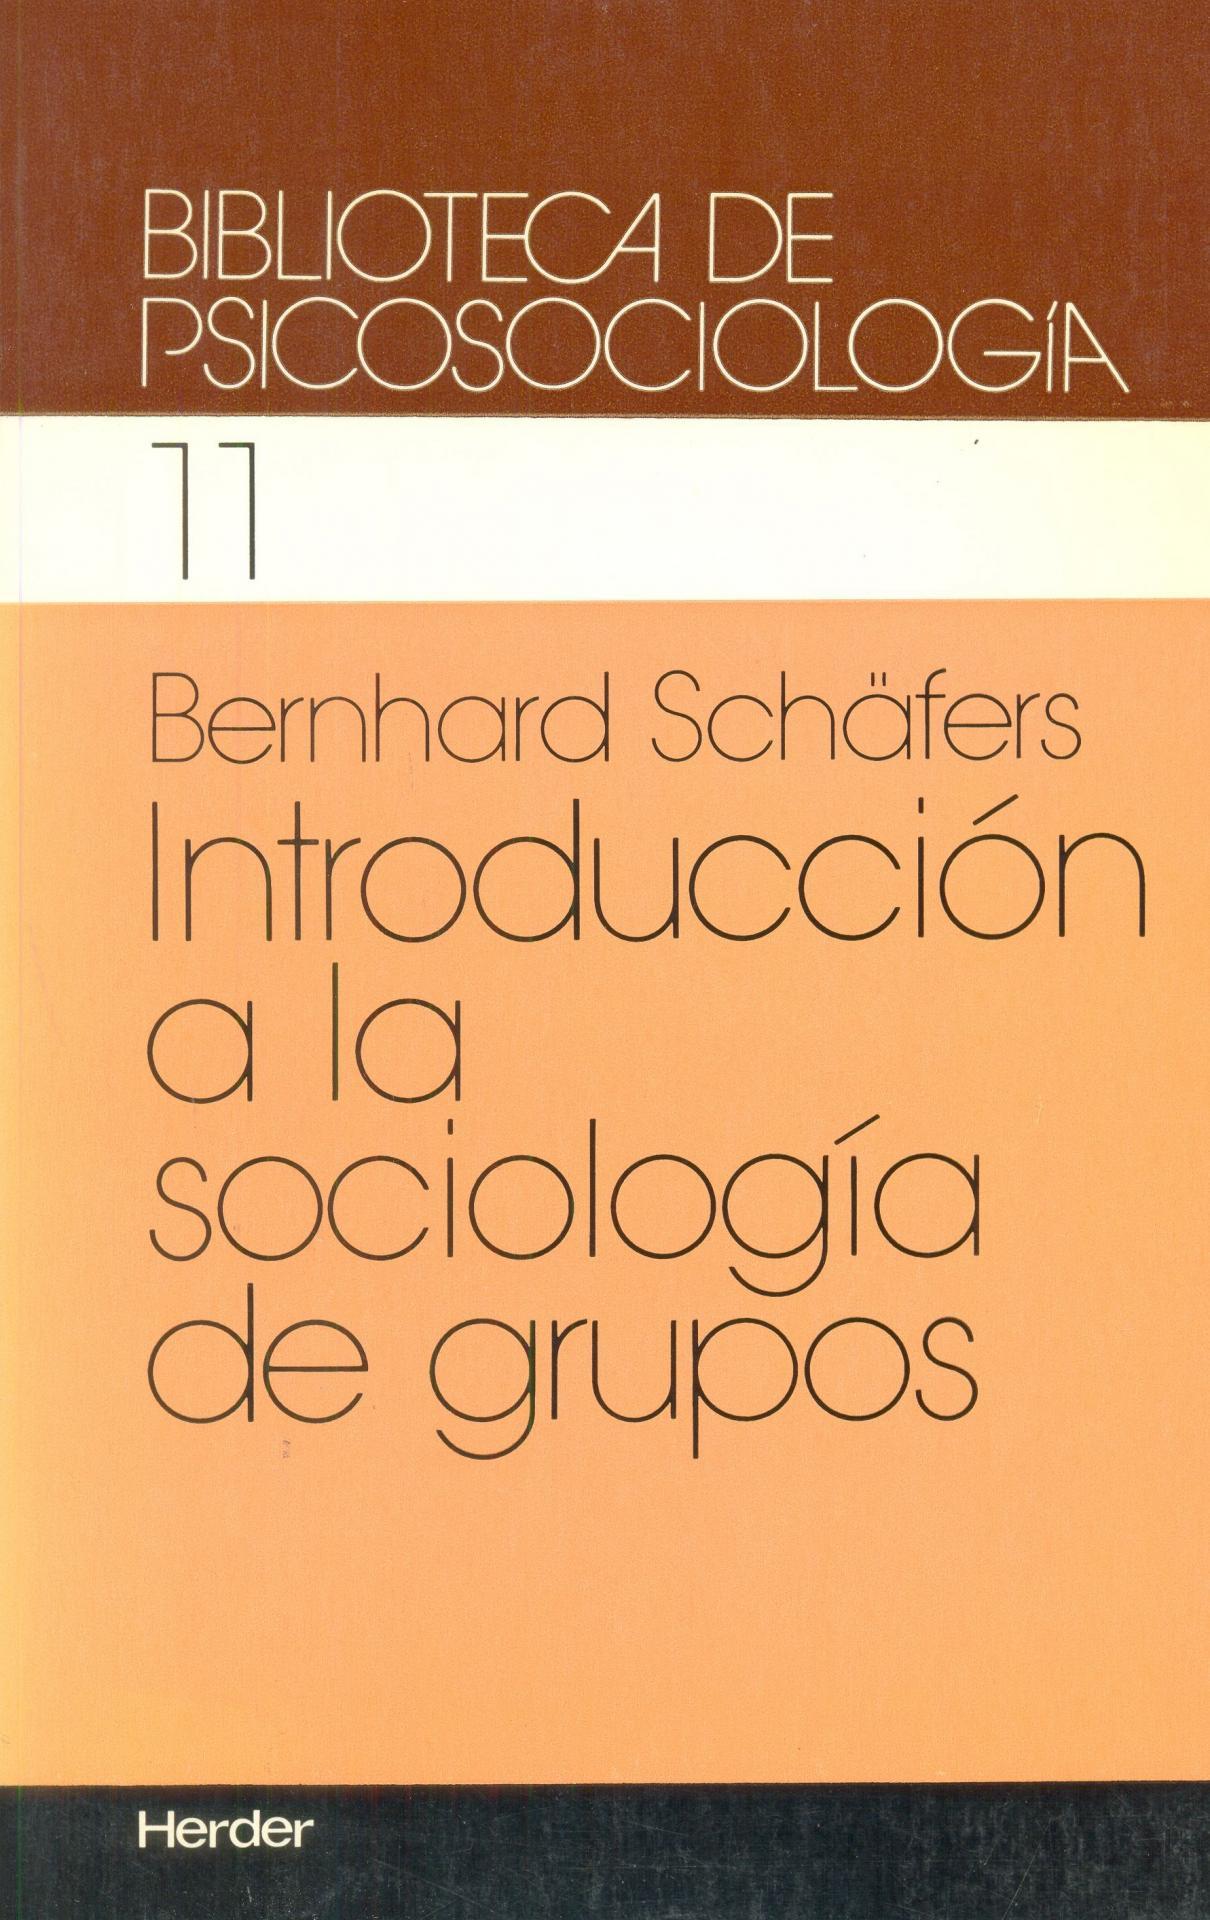 INTRODUCCIÓN A LA SOCIOLOGÍA DE GRUPOS.  Schäfers, B.